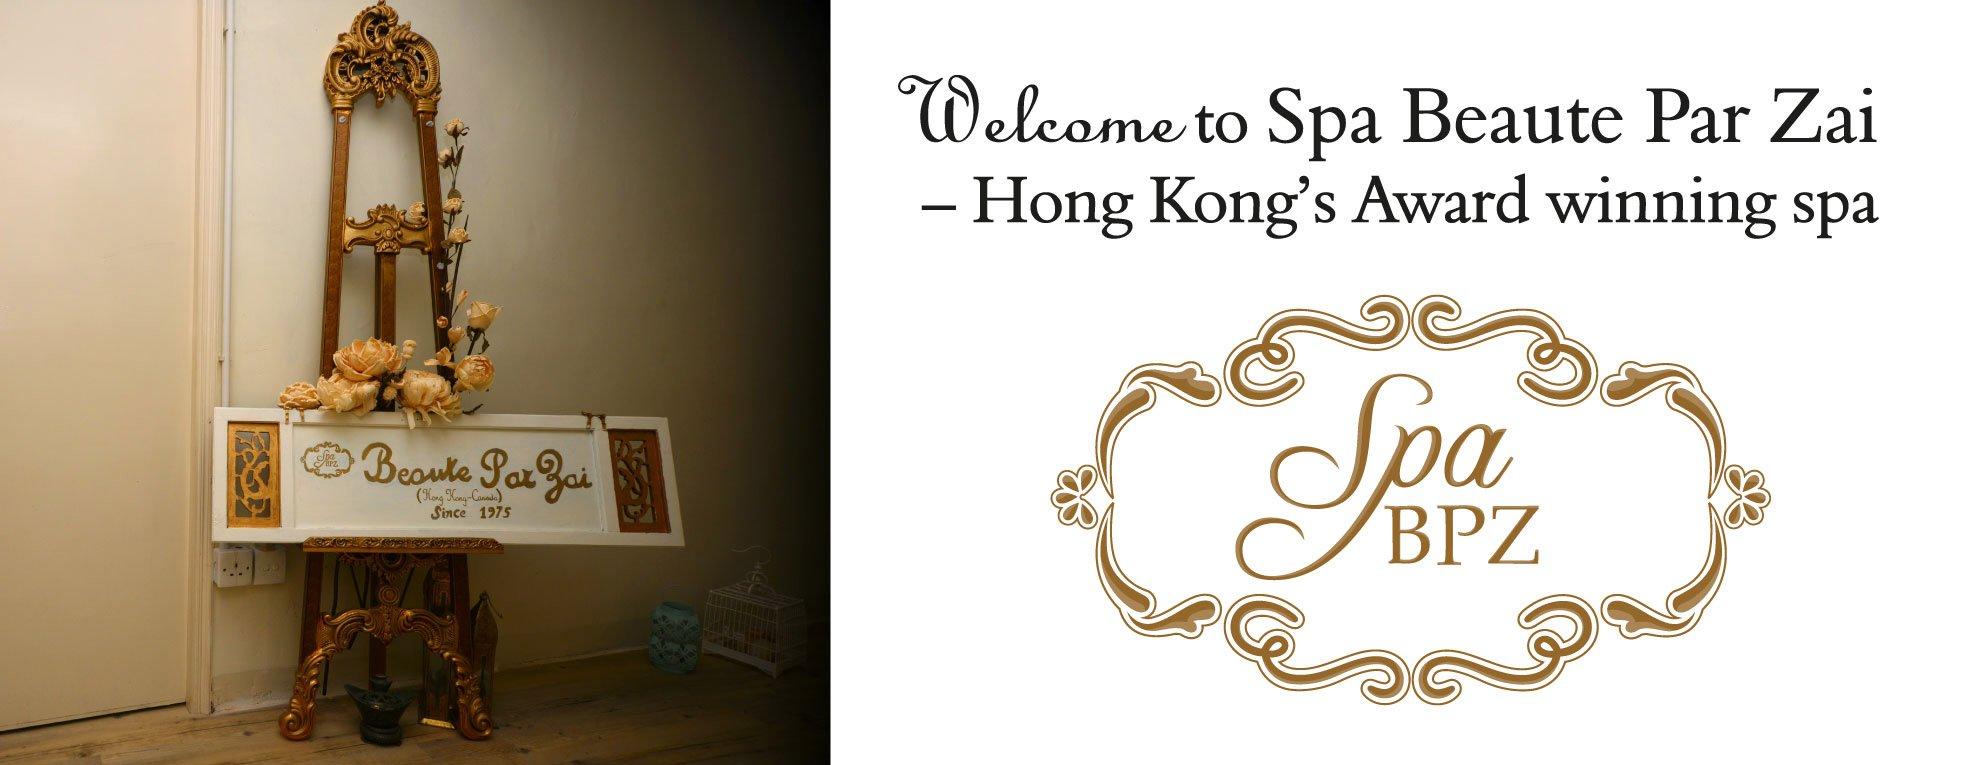 welcome to Spa Beaute Par Zai - Hong Kong